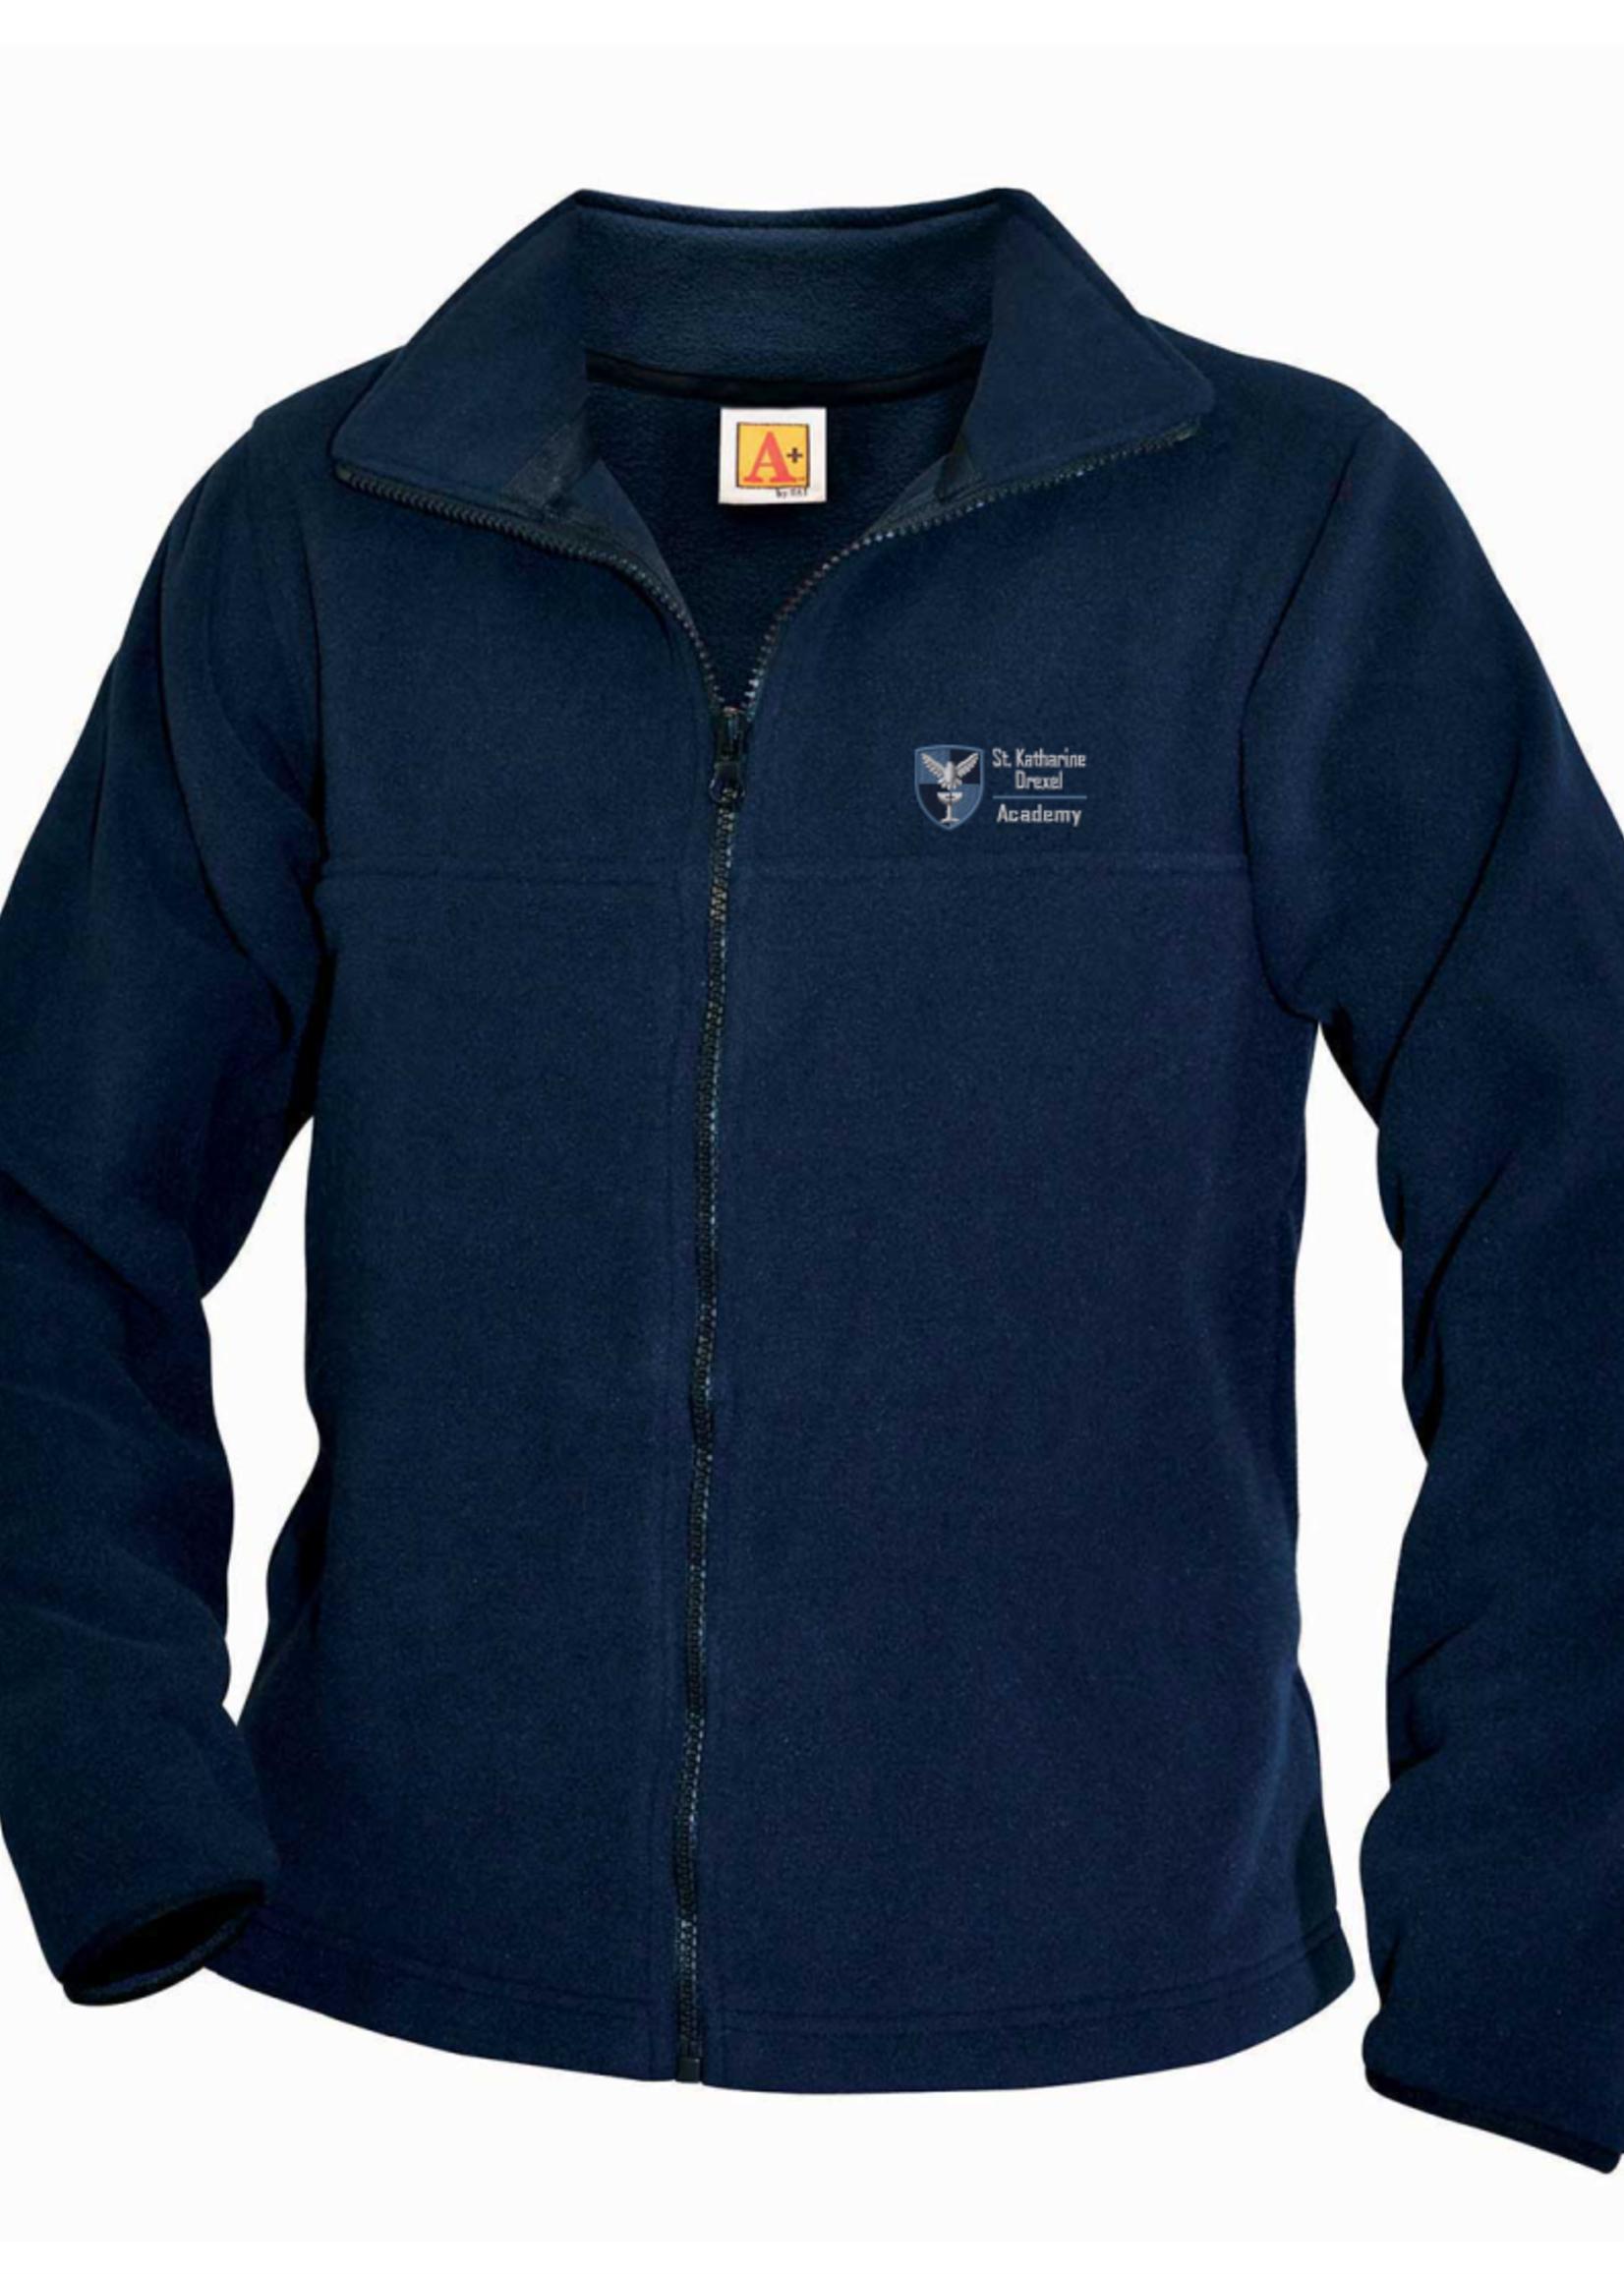 SKDA Navy Fleece Full Zip Jacket